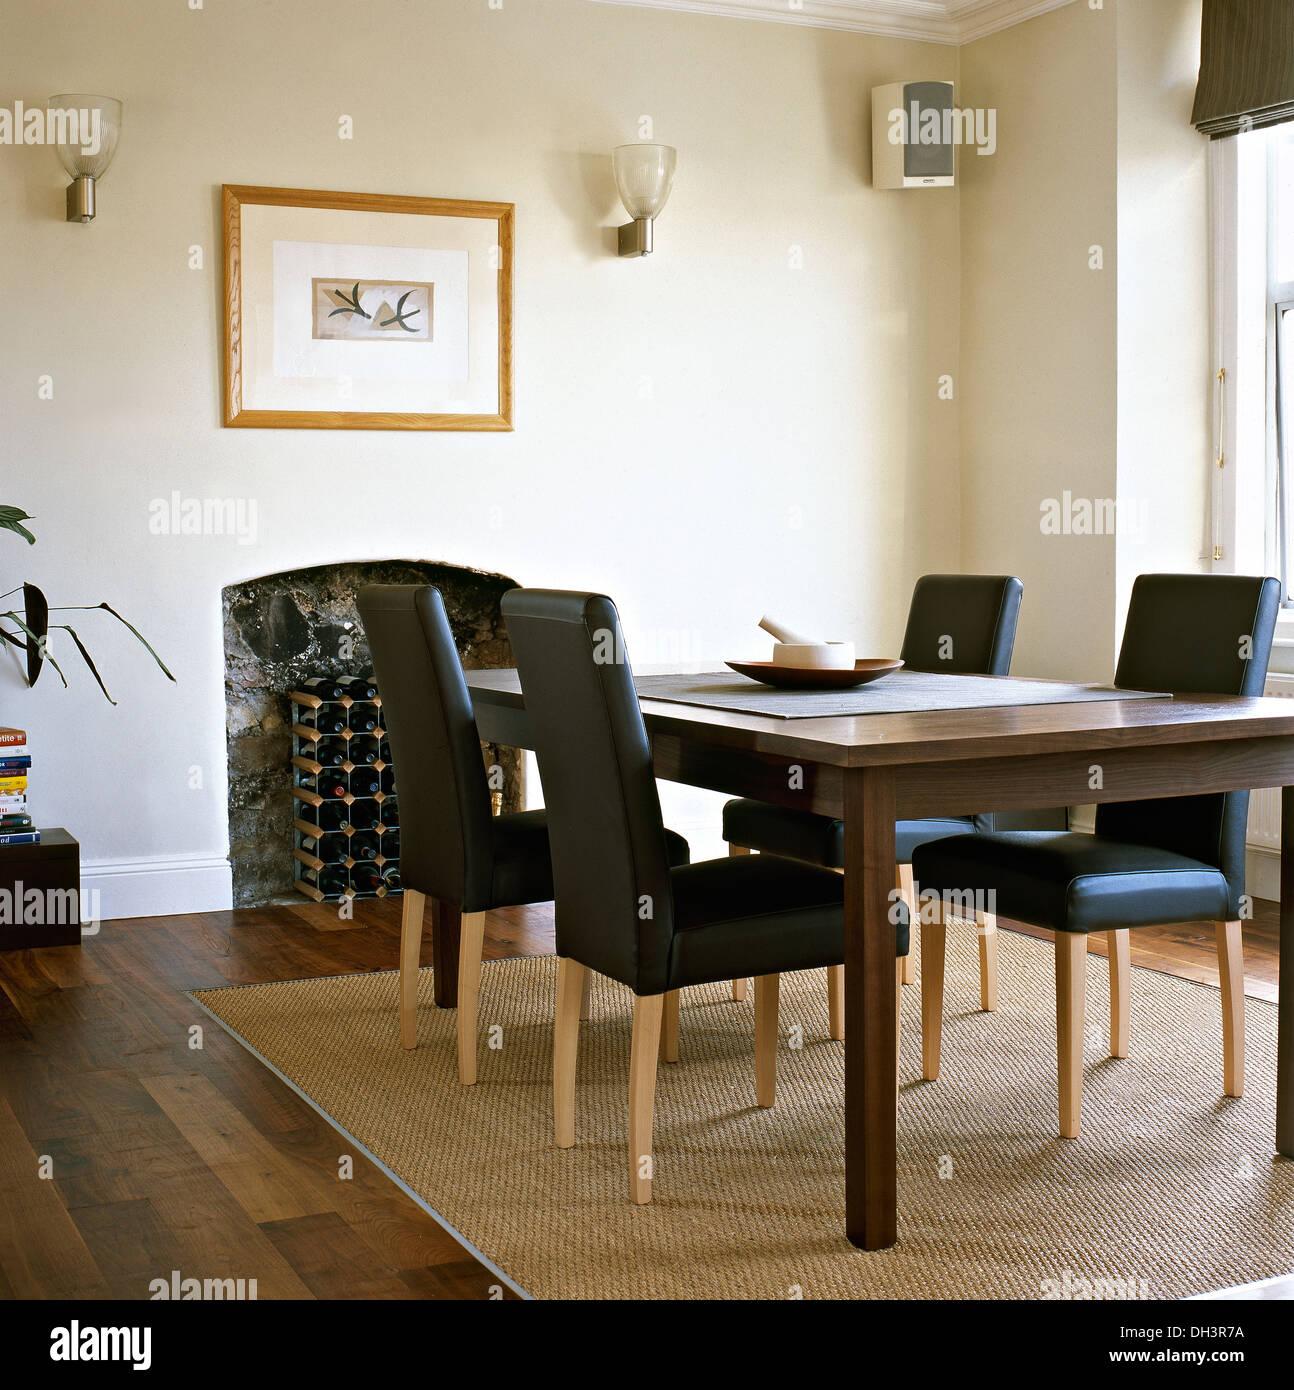 Tapis en sisal sur parquet dans la salle à manger moderne ...